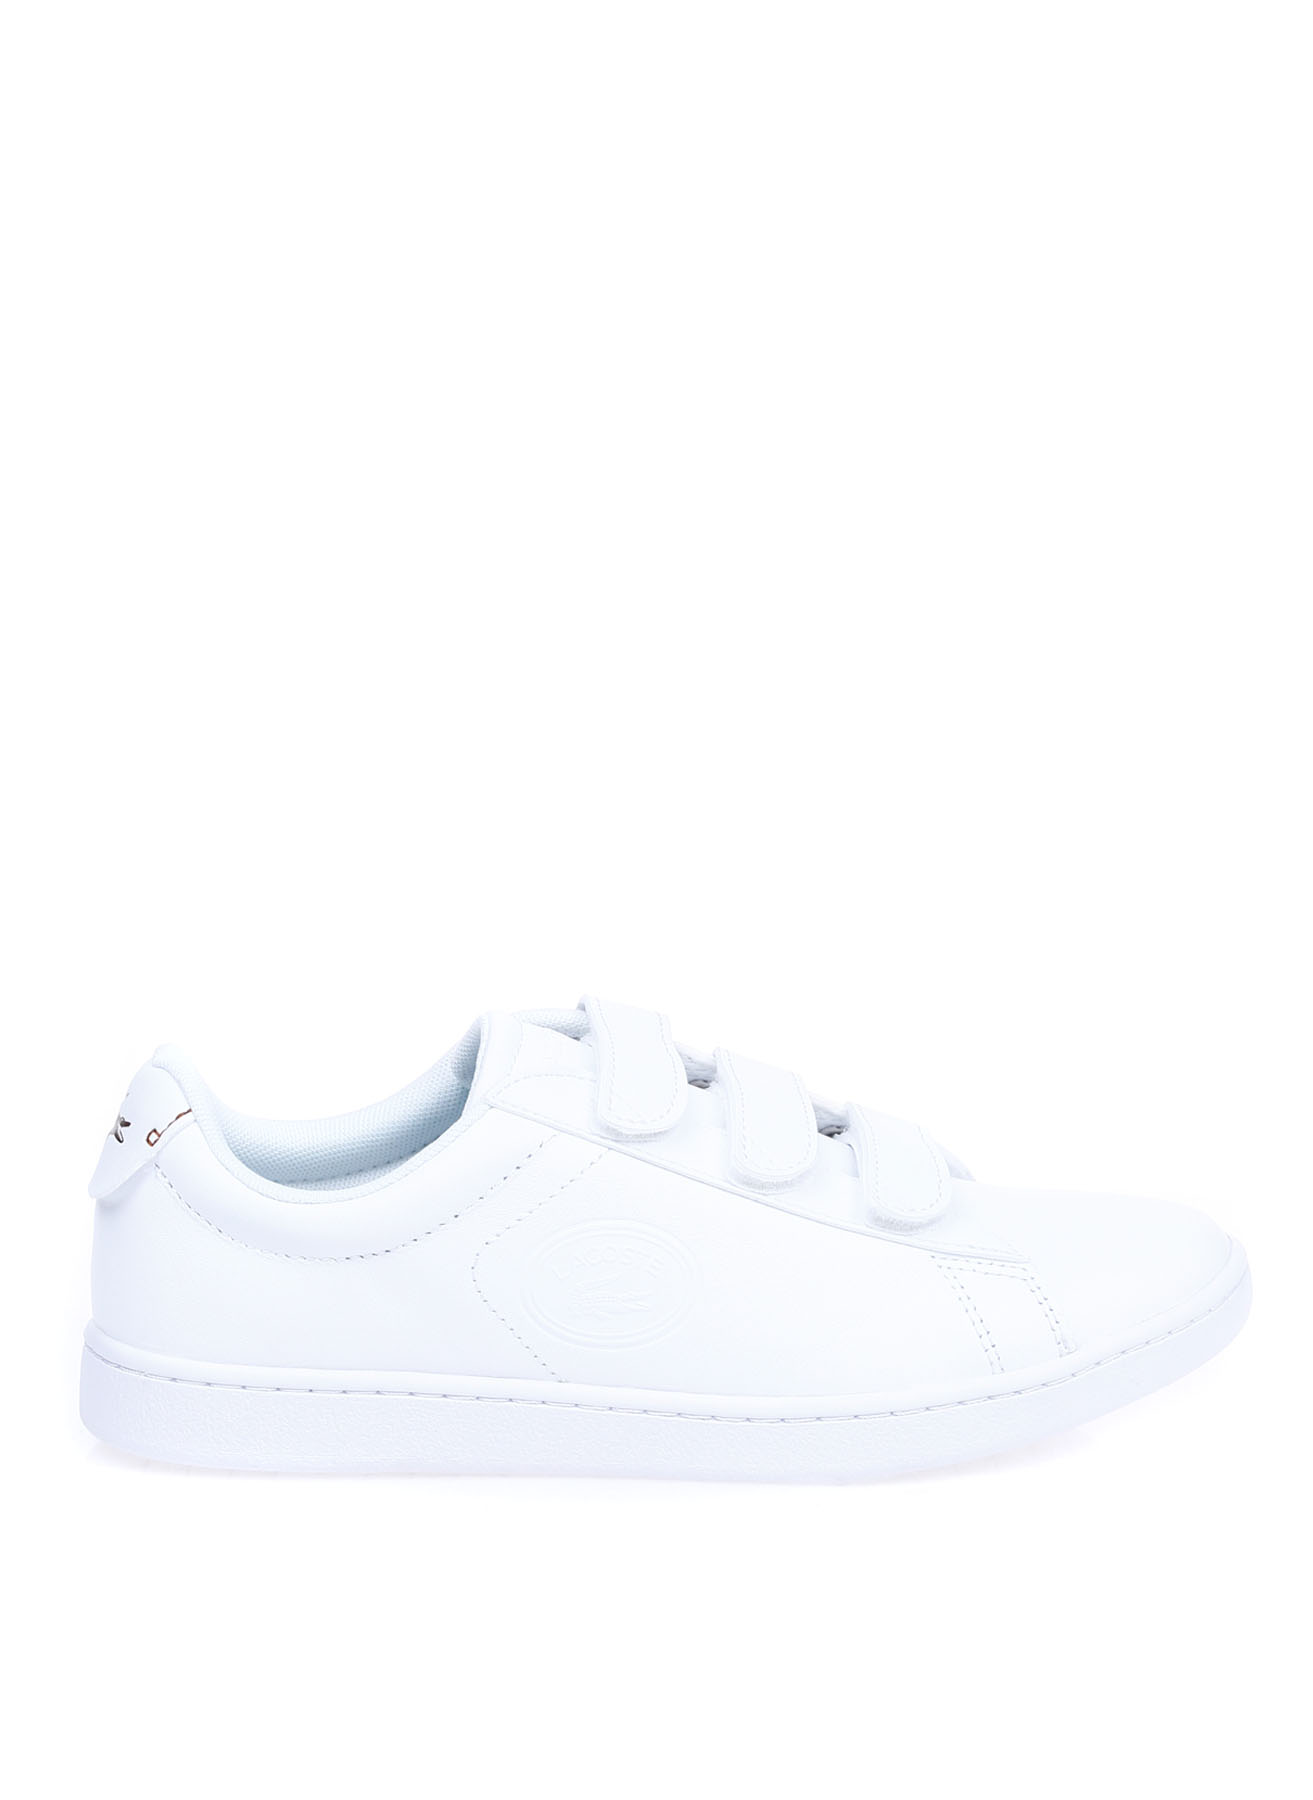 Lacoste Kadın Deri Beyaz Sneaker 39 5002312564004 Ürün Resmi